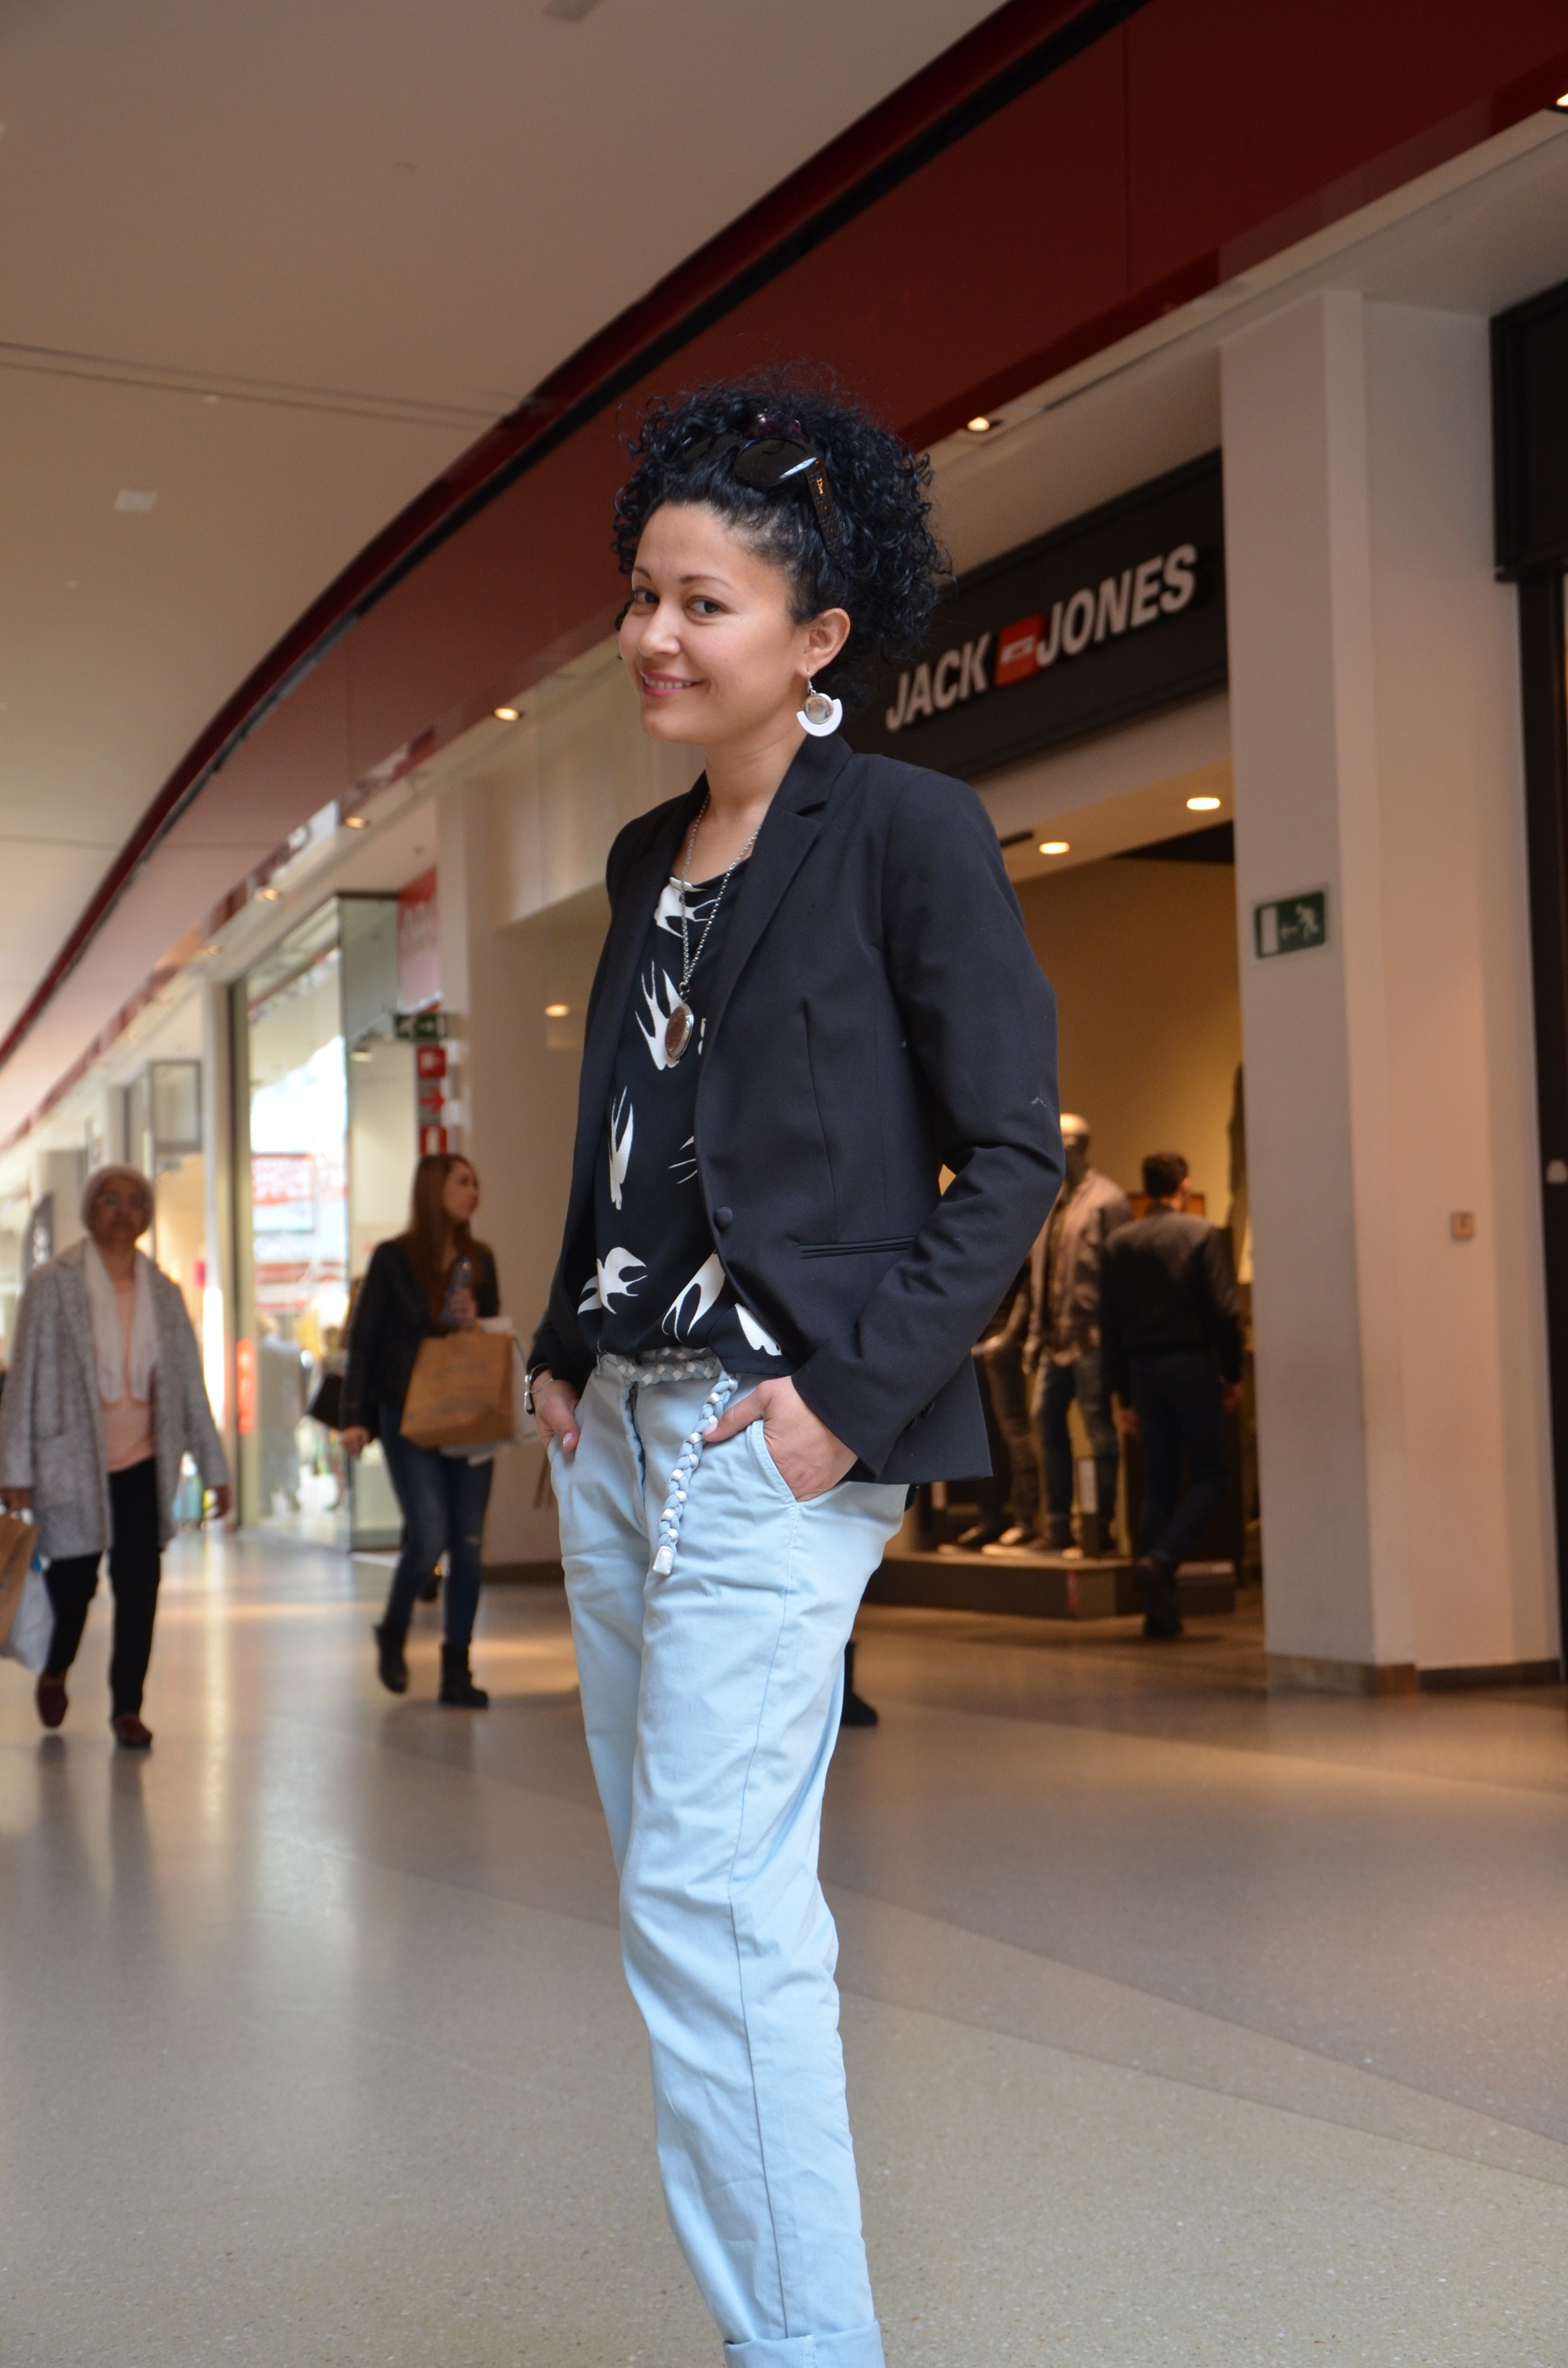 Carolina miss boucle noire à la fashion week de mediacité à Liège